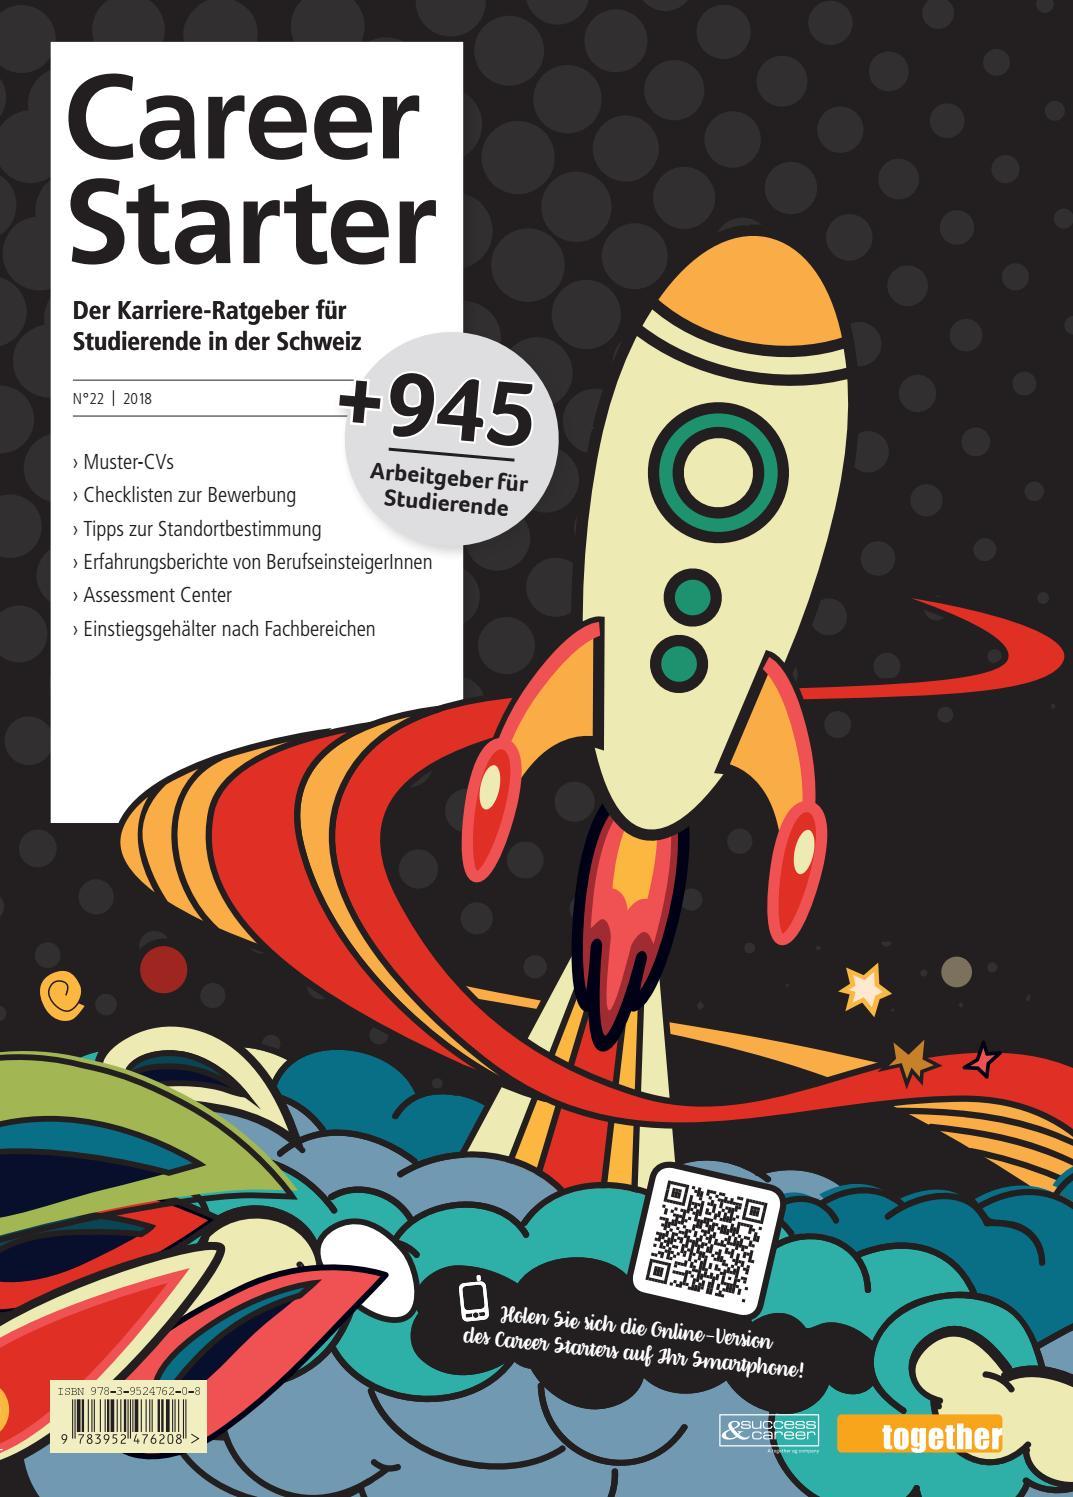 Starter Nr22 Issuu Ausgabe Ag Career Deutsche By Together 2018 XZuTPkOi